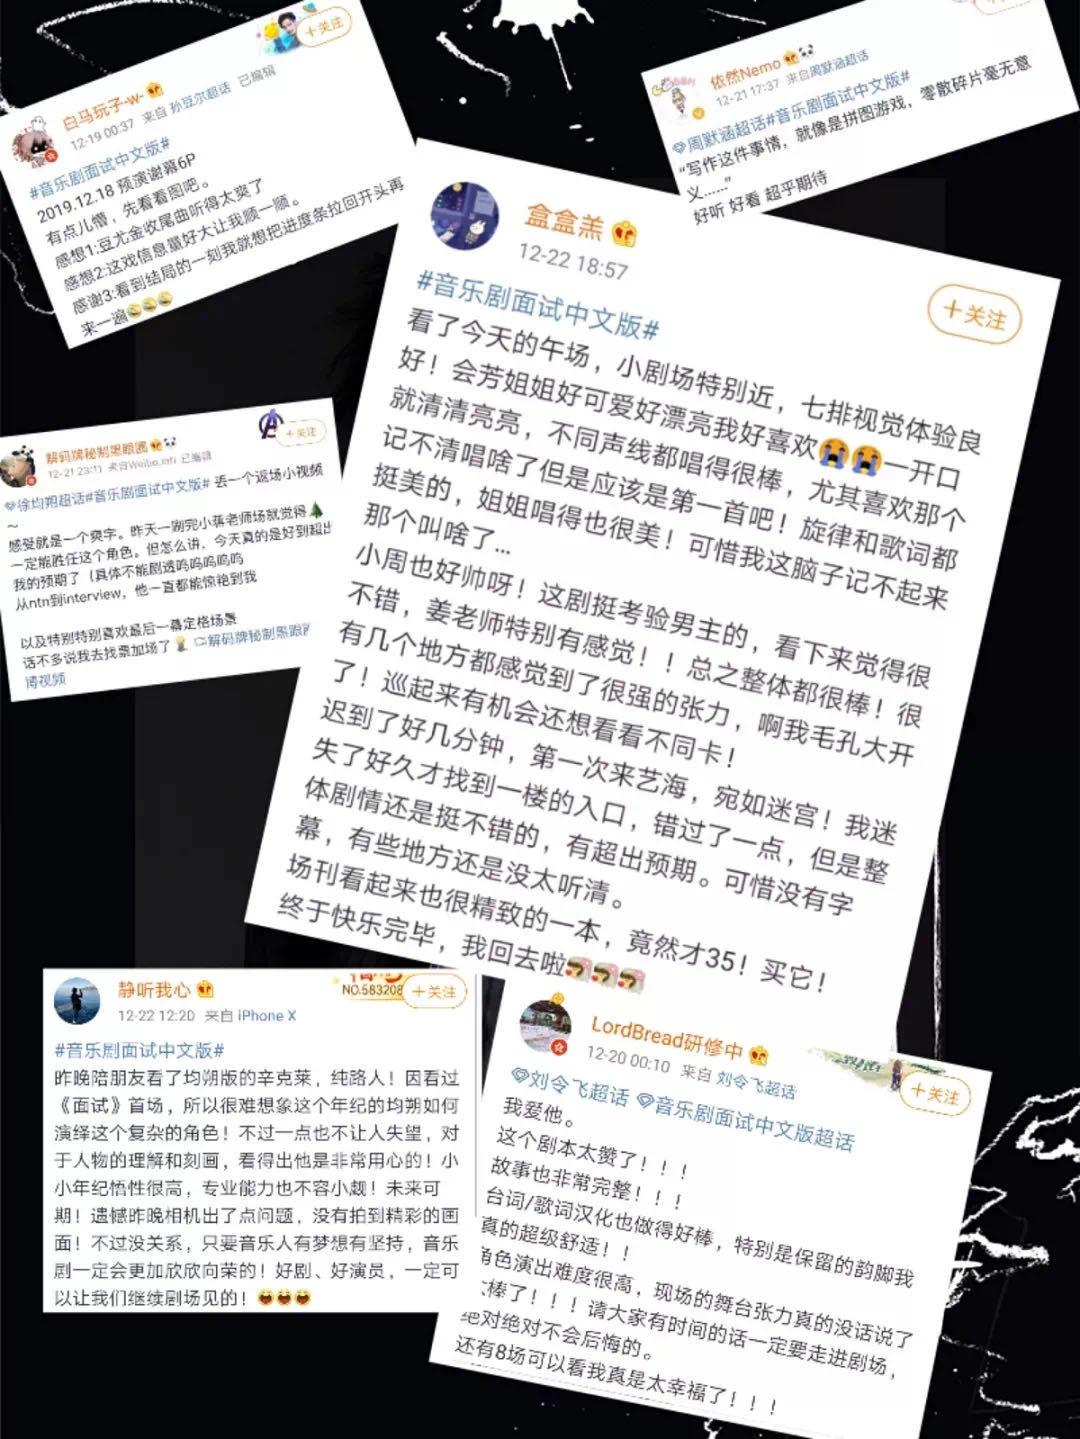 【启东站】音乐剧《面试》中文版